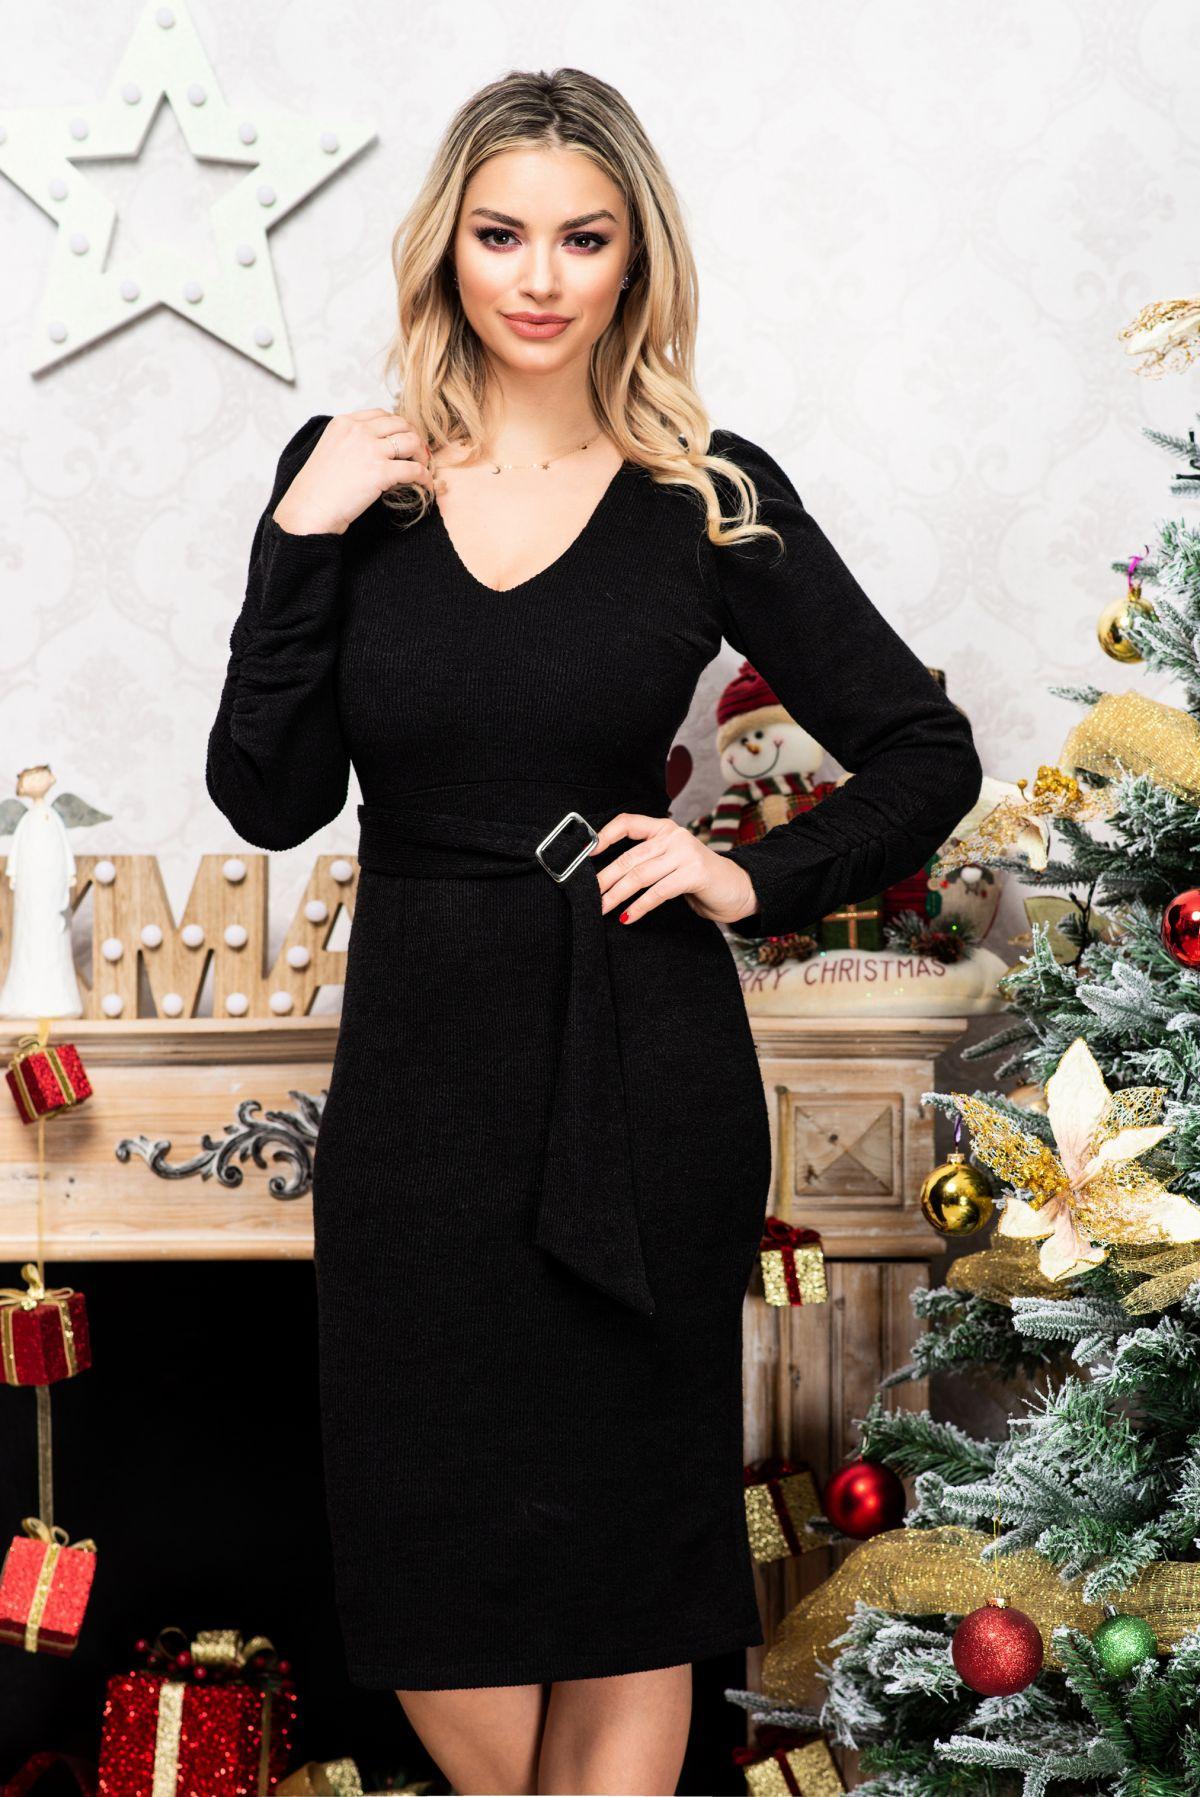 Rochie Moze neagra cambrata din tricot cu manci incretite Moze